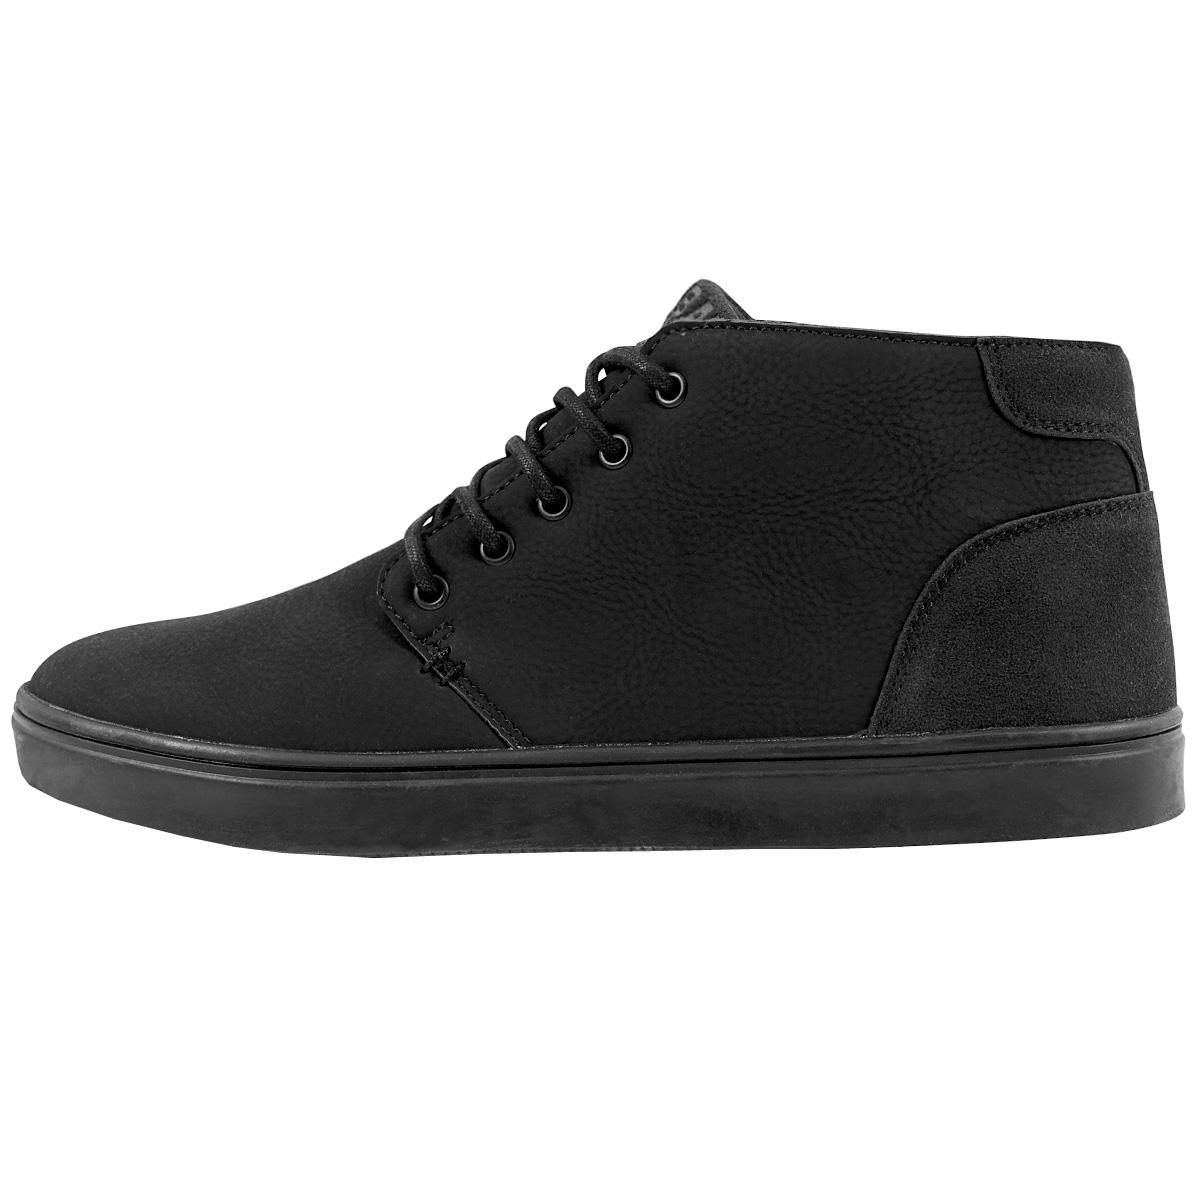 Urban Classics Hibi Mid Herren Schuhe Stiefel Boots Halbschuhe Winter Schuhe NEU